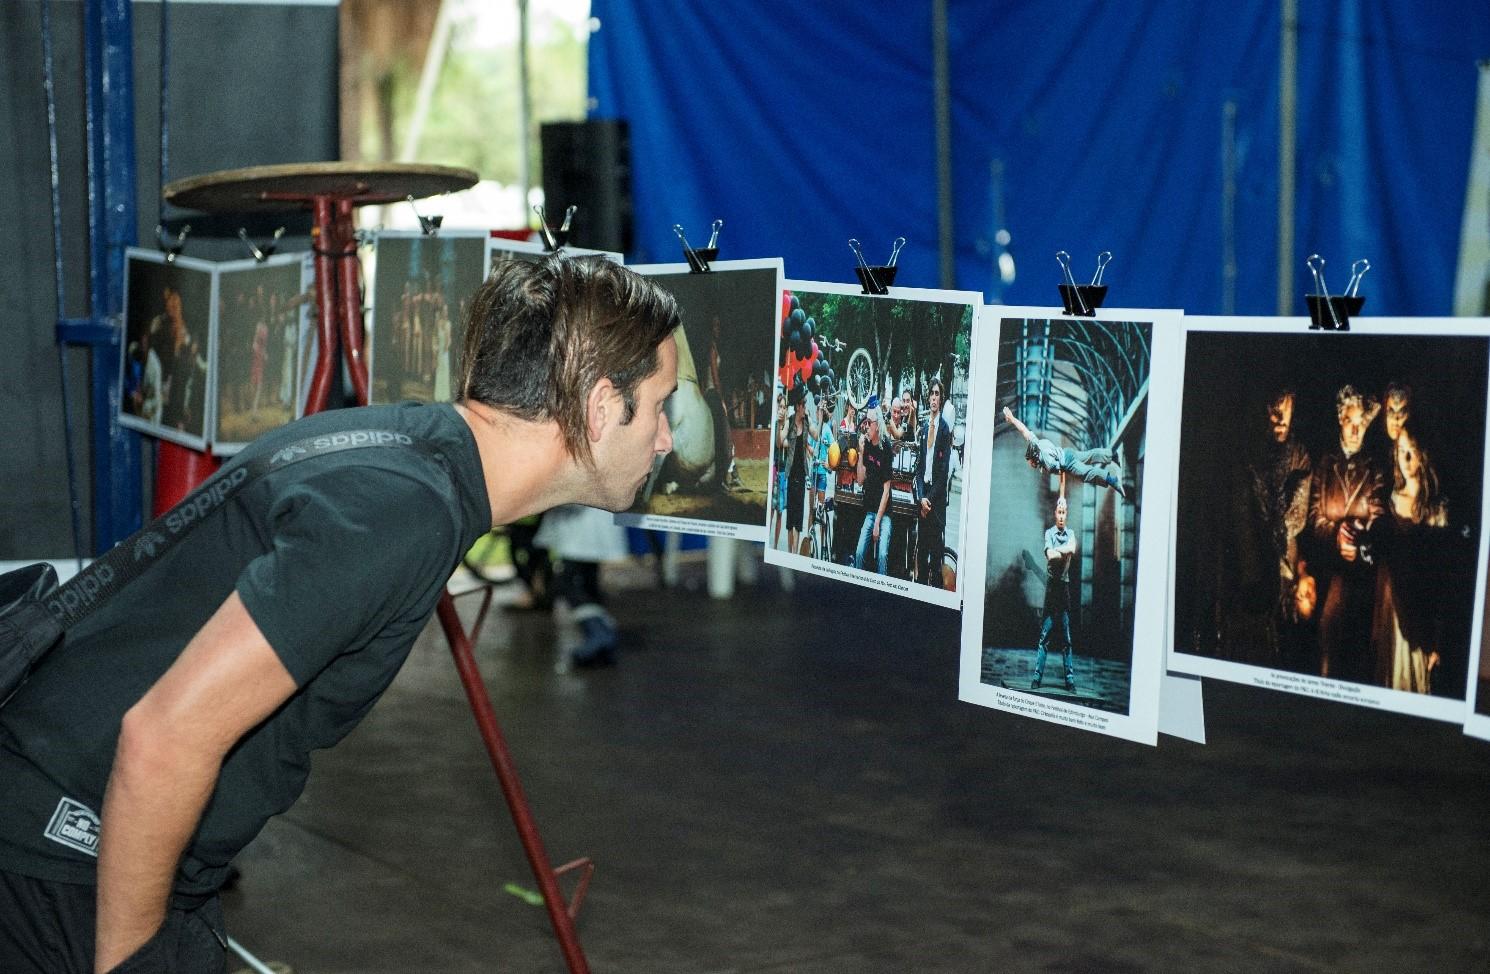 Panis & Circus participa com mostra fotográfica do Festival Internacional de Circo em São Paulo que promove interatividade e renova votos de vida longa à arte circense